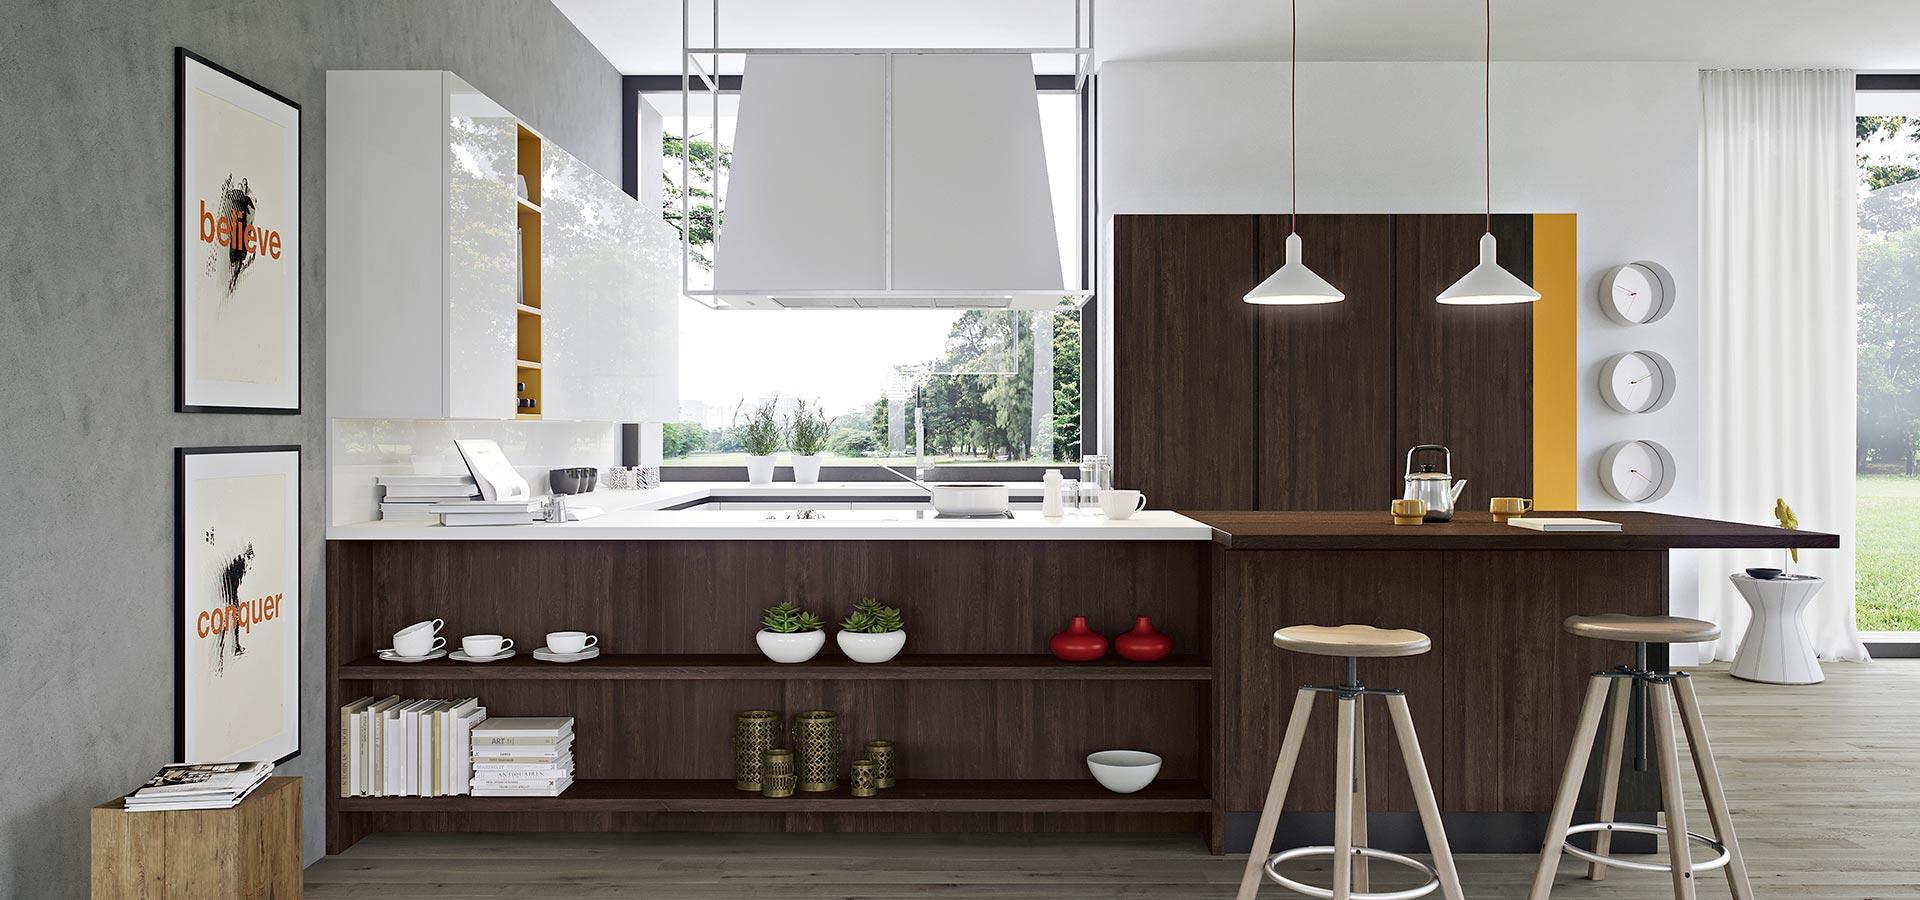 Cucine moderne Arredo3, i 5 modelli da non perdere - Blog - Design ...